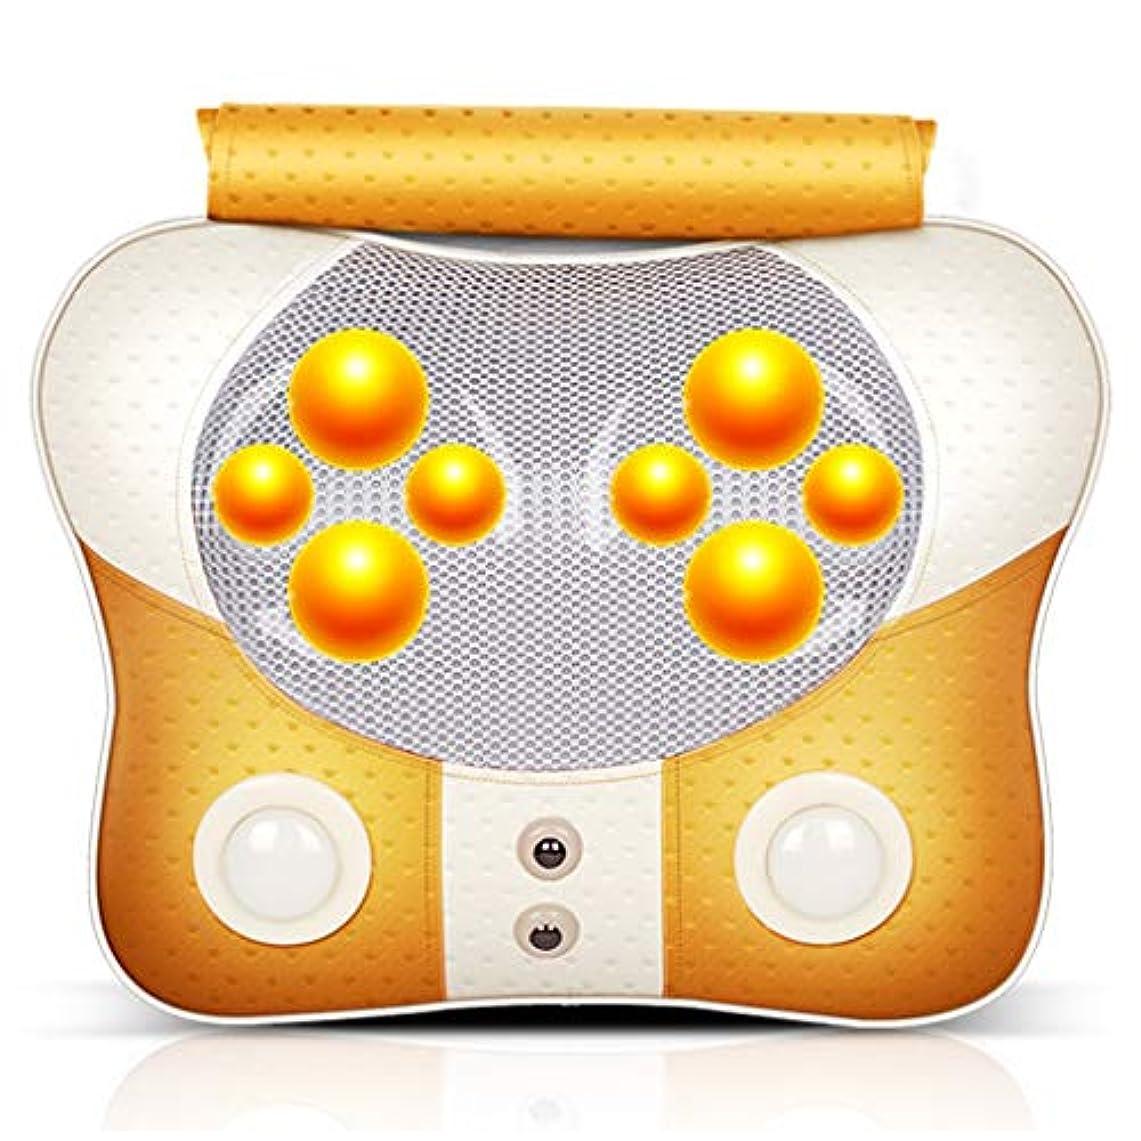 やめるフレット格差マッサージ電気の 加熱された 多目的 ネック 指圧 マッサージ 杭打ち ウエスト マッサージャー 子宮頸椎 マッサージピロー 全身 マッサージ クッション。 MAG.AL,イエロー